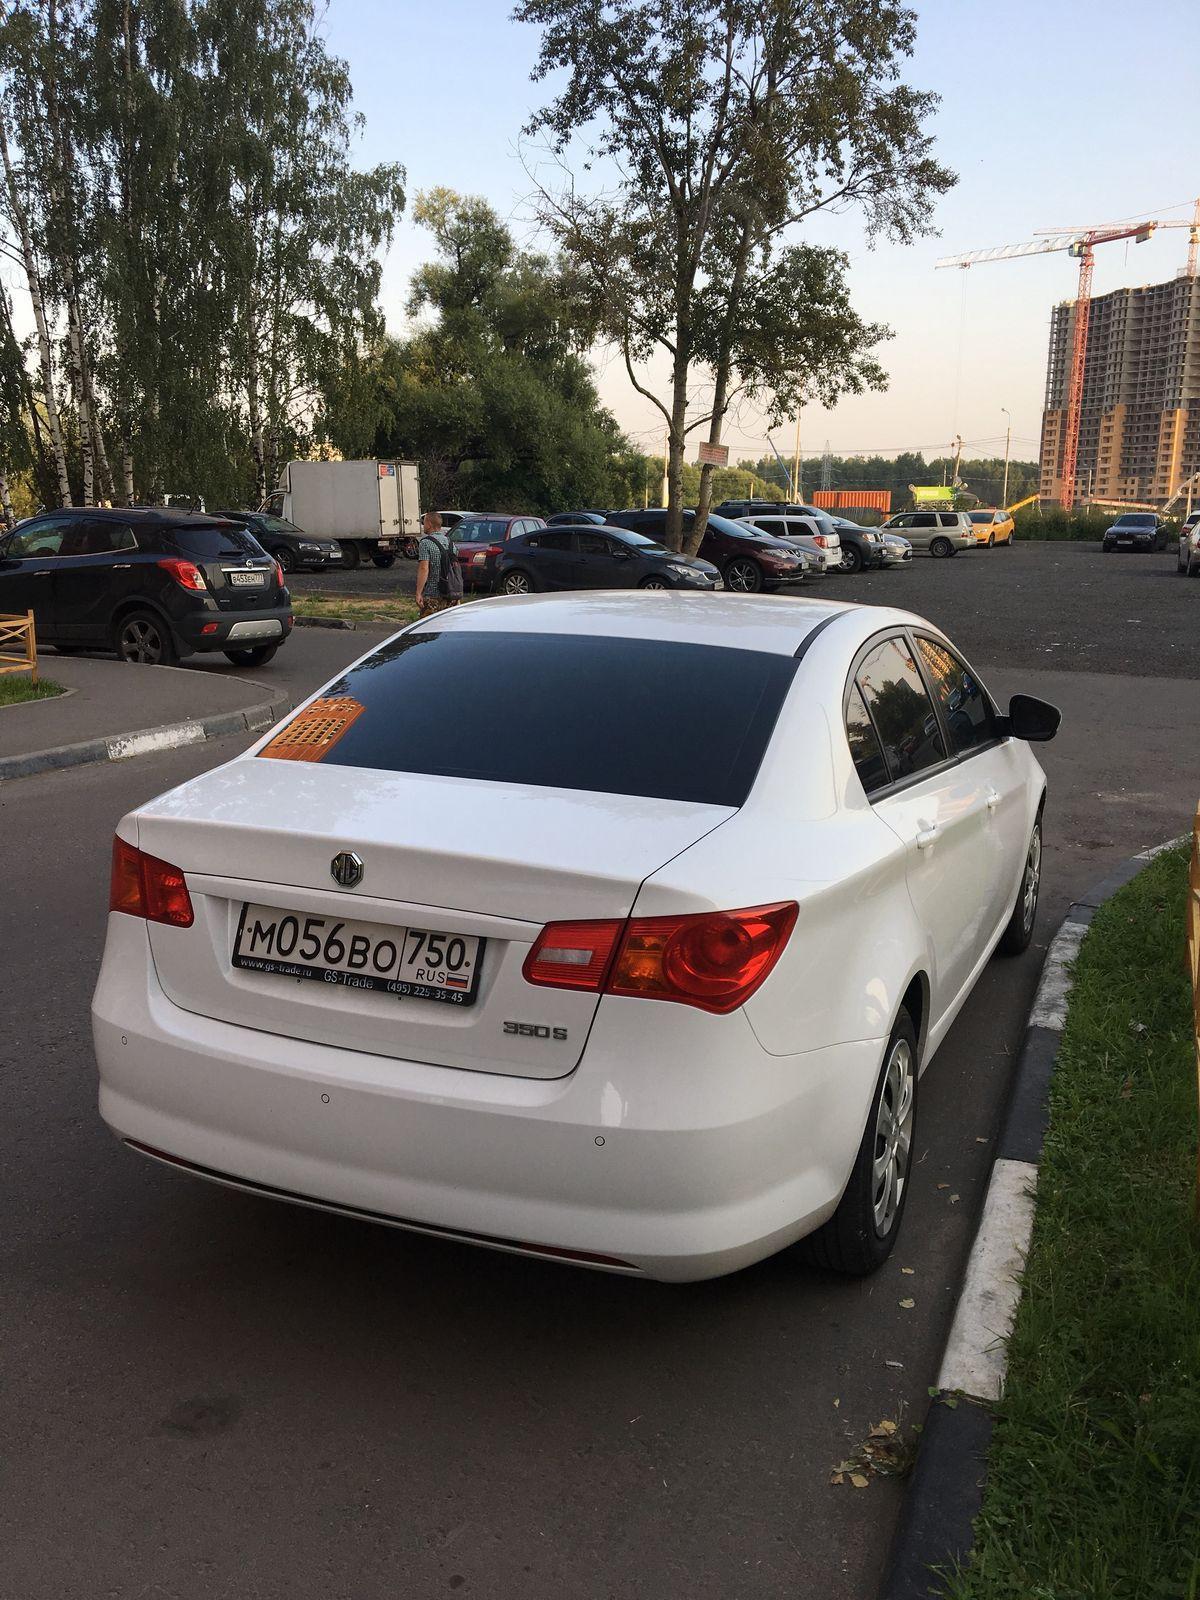 Авто с пробегом в железнодорожном частные объявления inurl obiavlenie php разместить объявление бесплатно на яндексе